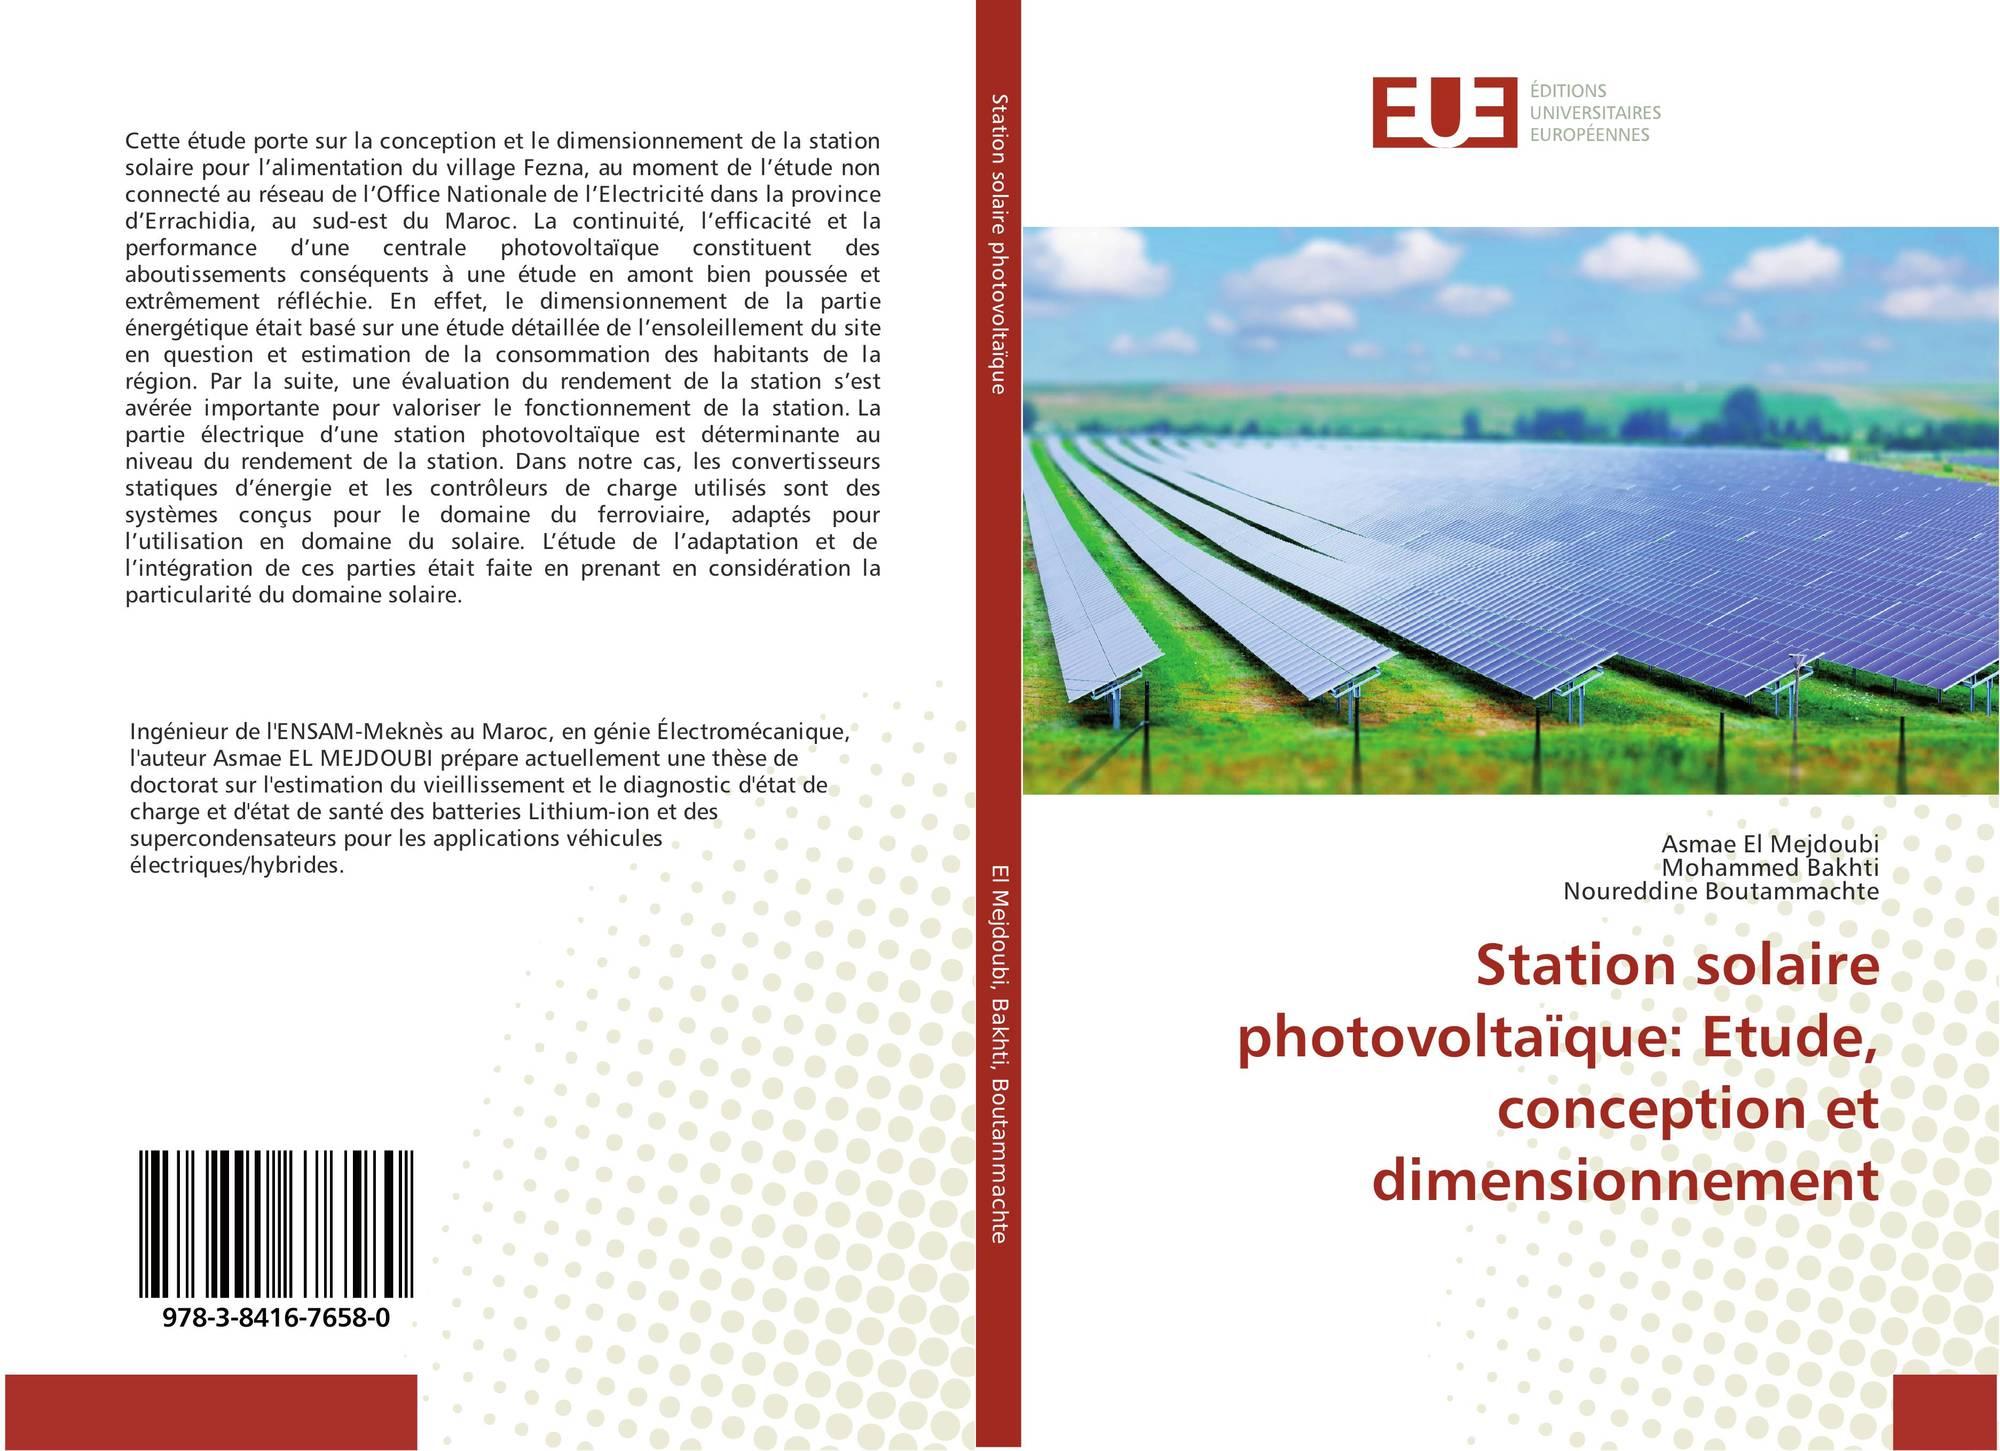 Station solaire photovolta que etude conception et for Etude de conception